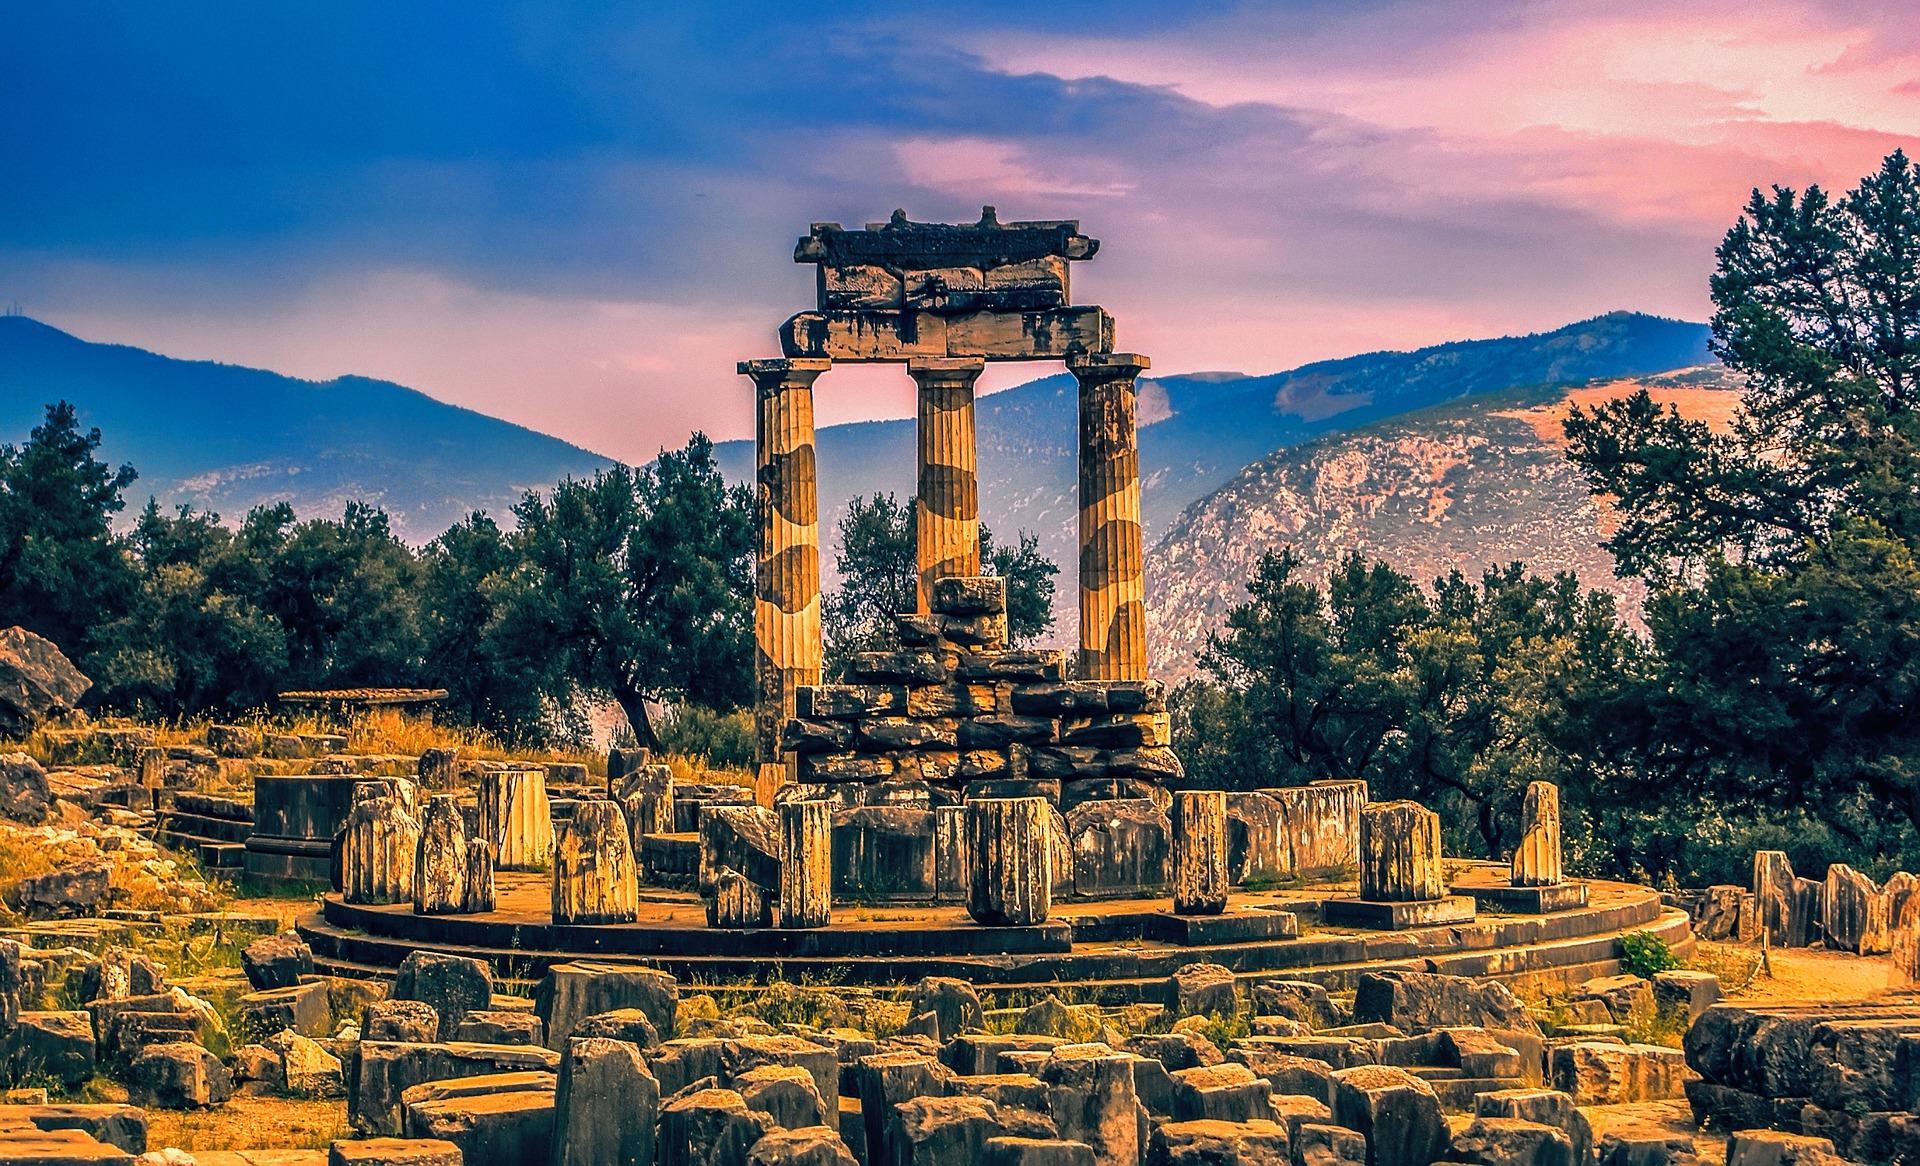 Excursion to Delphi